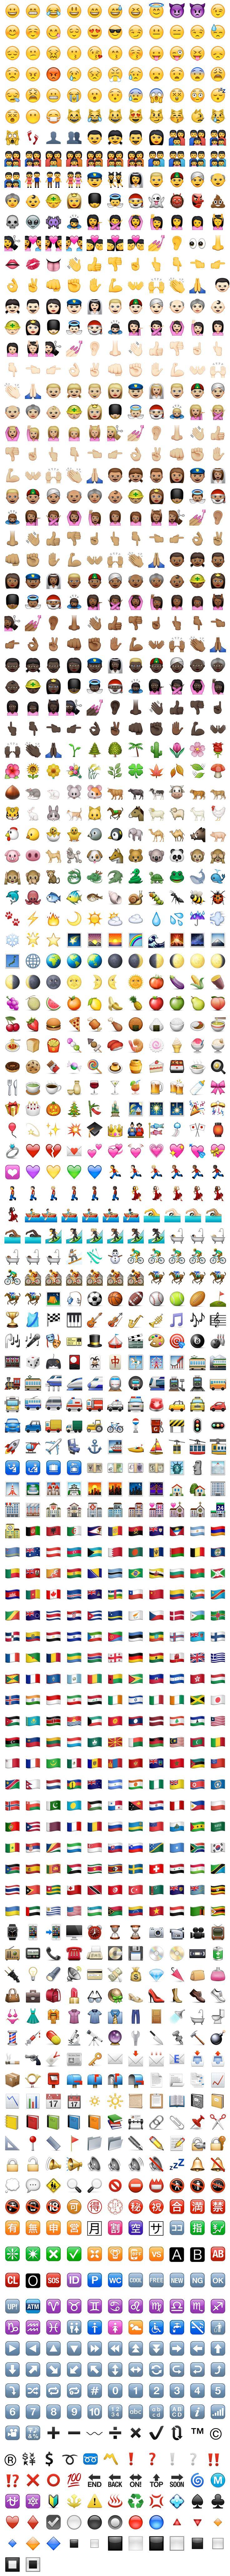 Apple Emoji List 2015